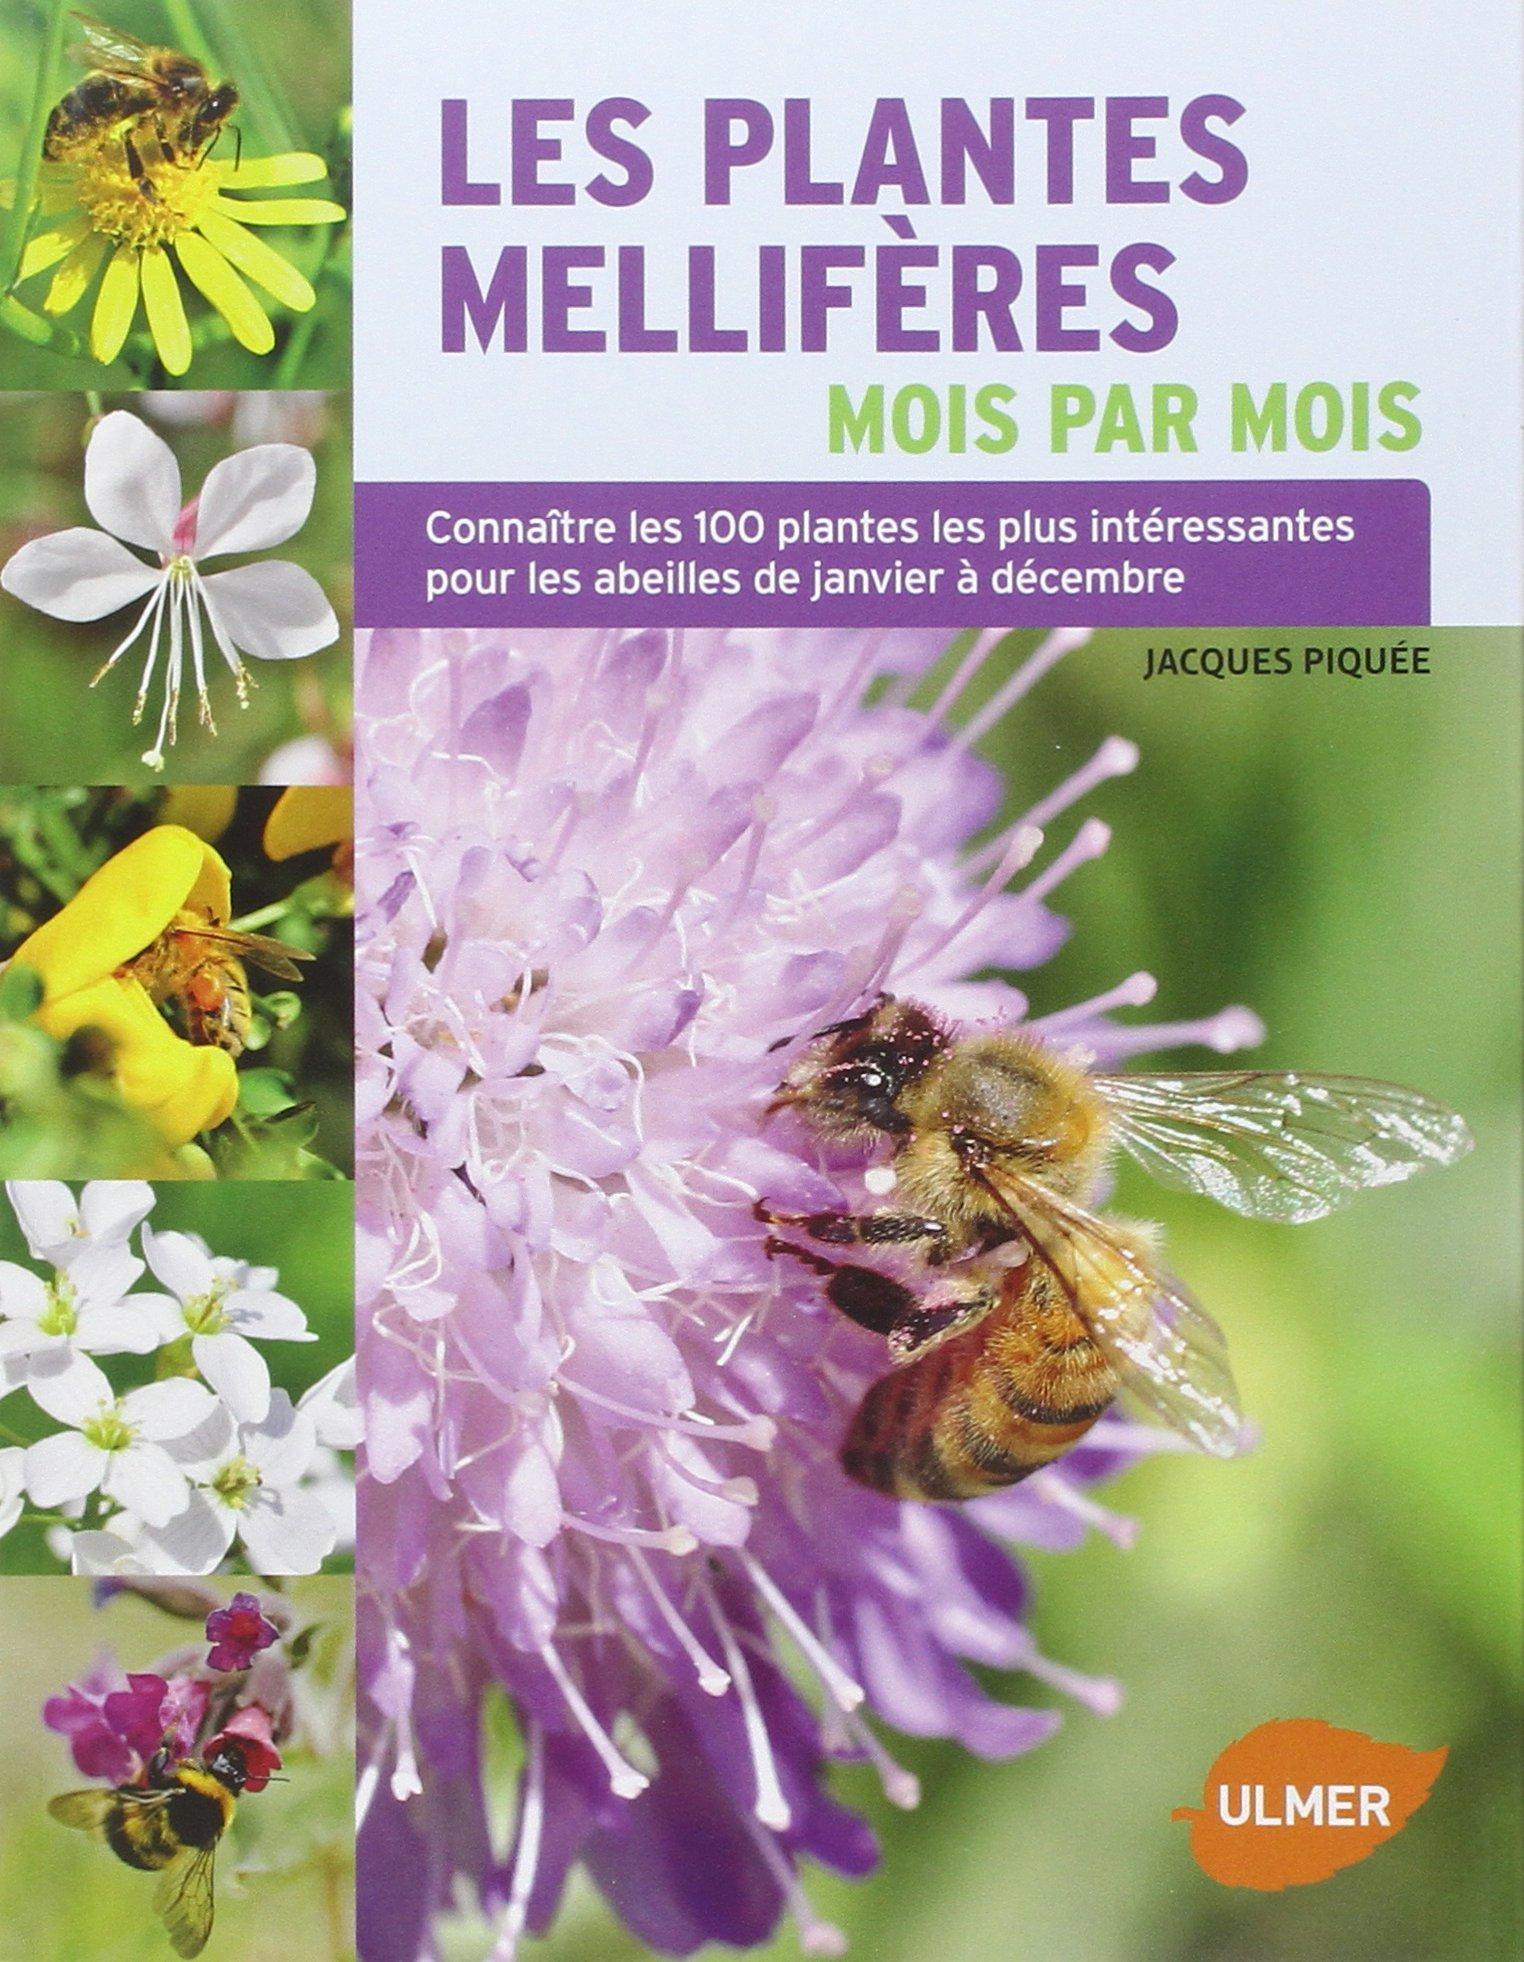 Les Plantes mellifères mois par mois Broché – 6 mars 2014 Jacques Piquee Ulmer 2841387054 Jardinage